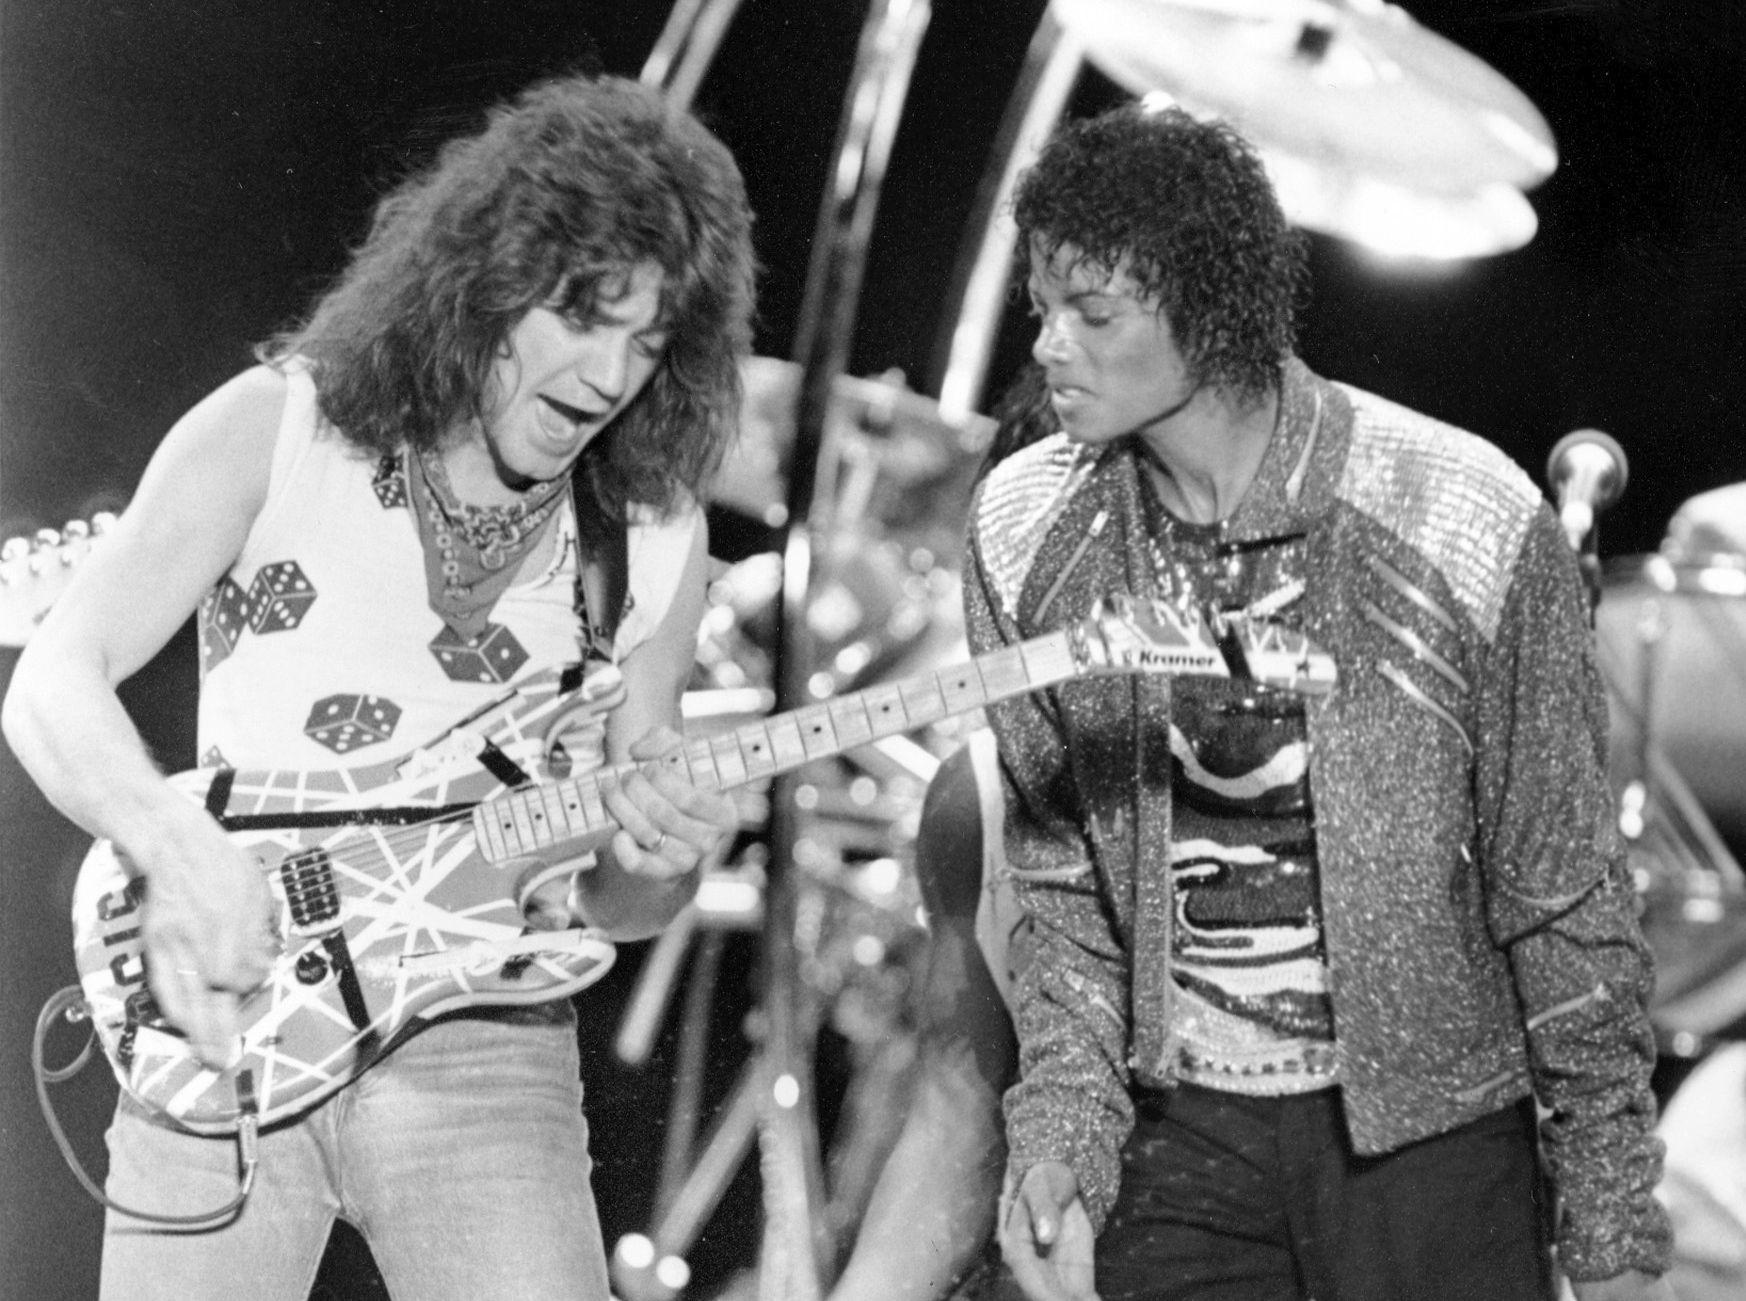 Eди свири в парчето на Майкъл Джексън Beat it през 1984 г.